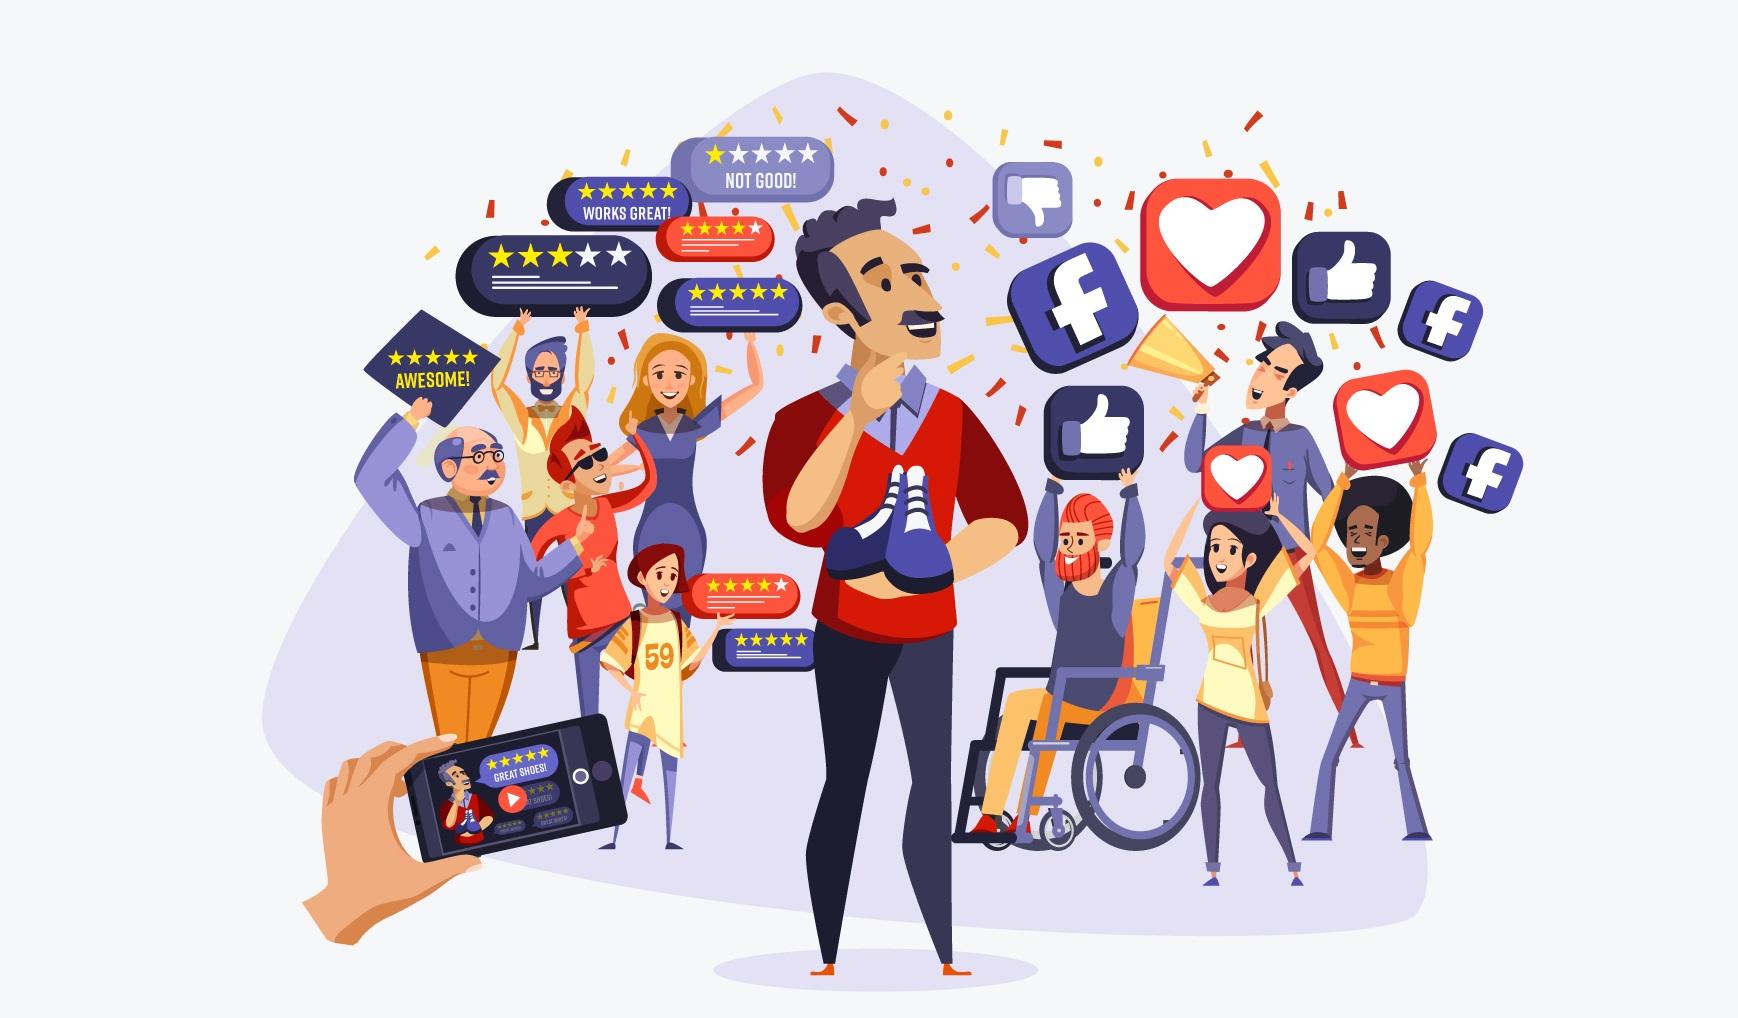 Social Proof - Tận dụng tâm lý đám đông để thu hút khách hàng marketingreview.vn 3